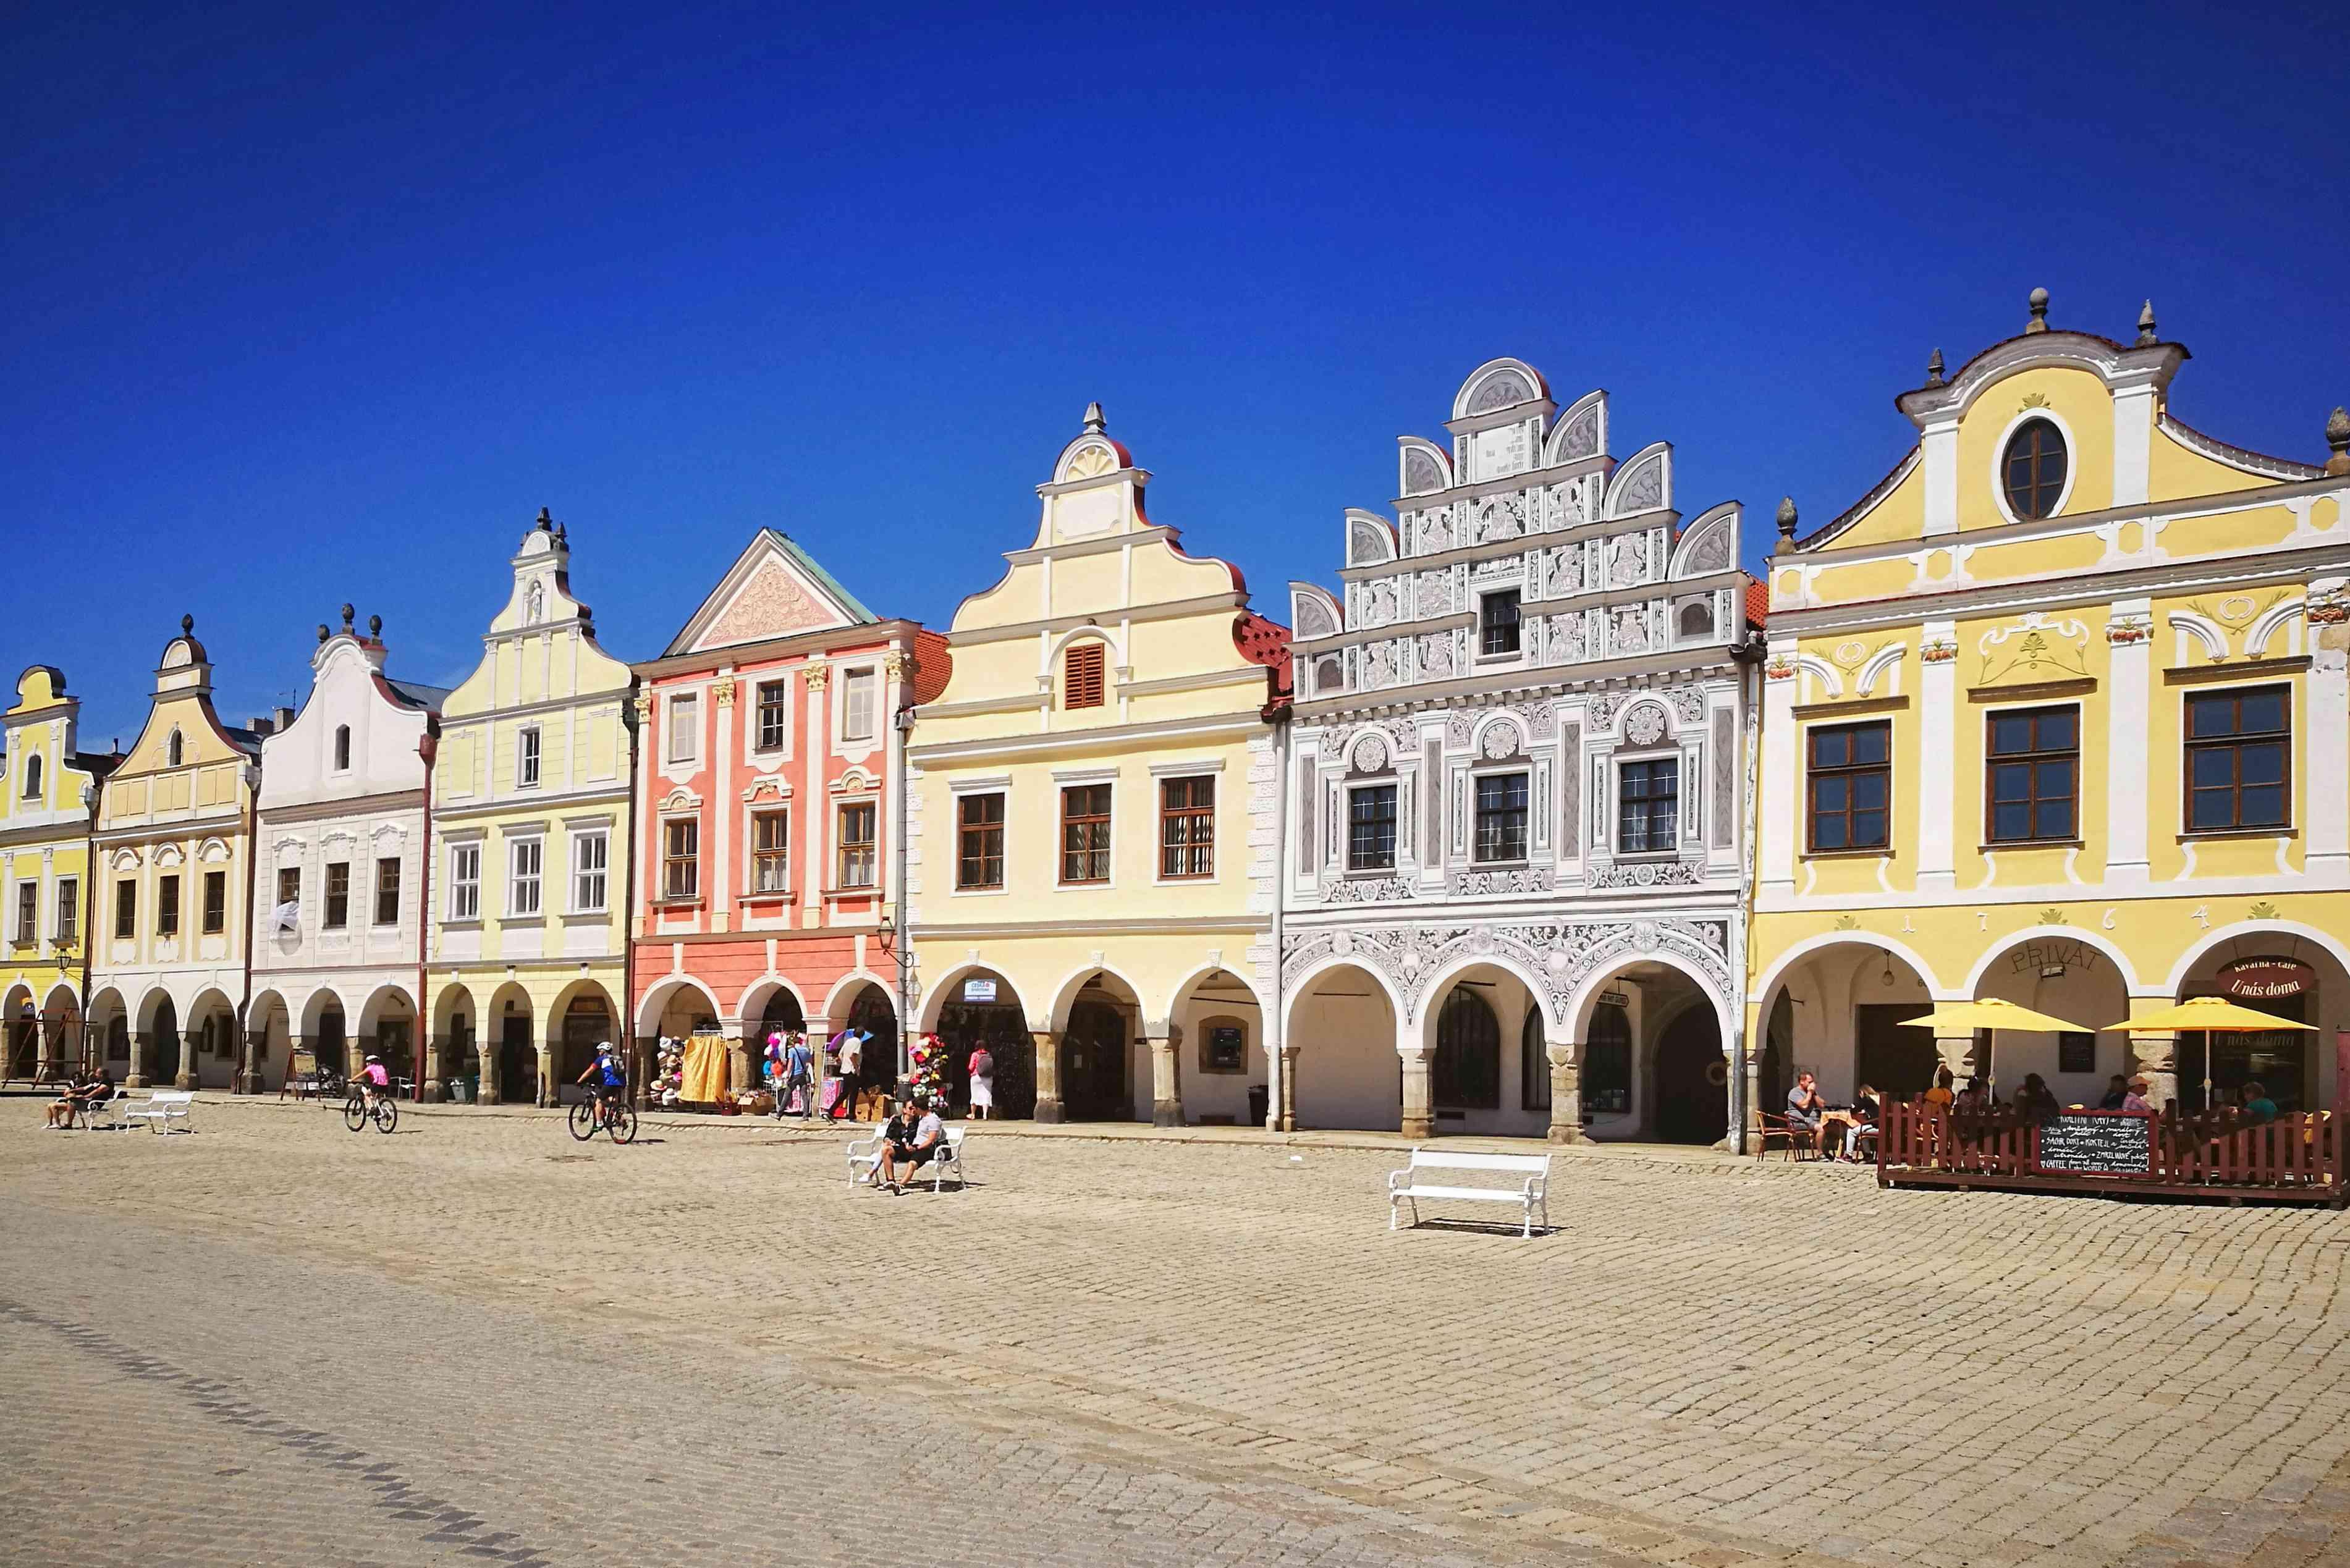 Casas renacentistas en la plaza principal de Telc